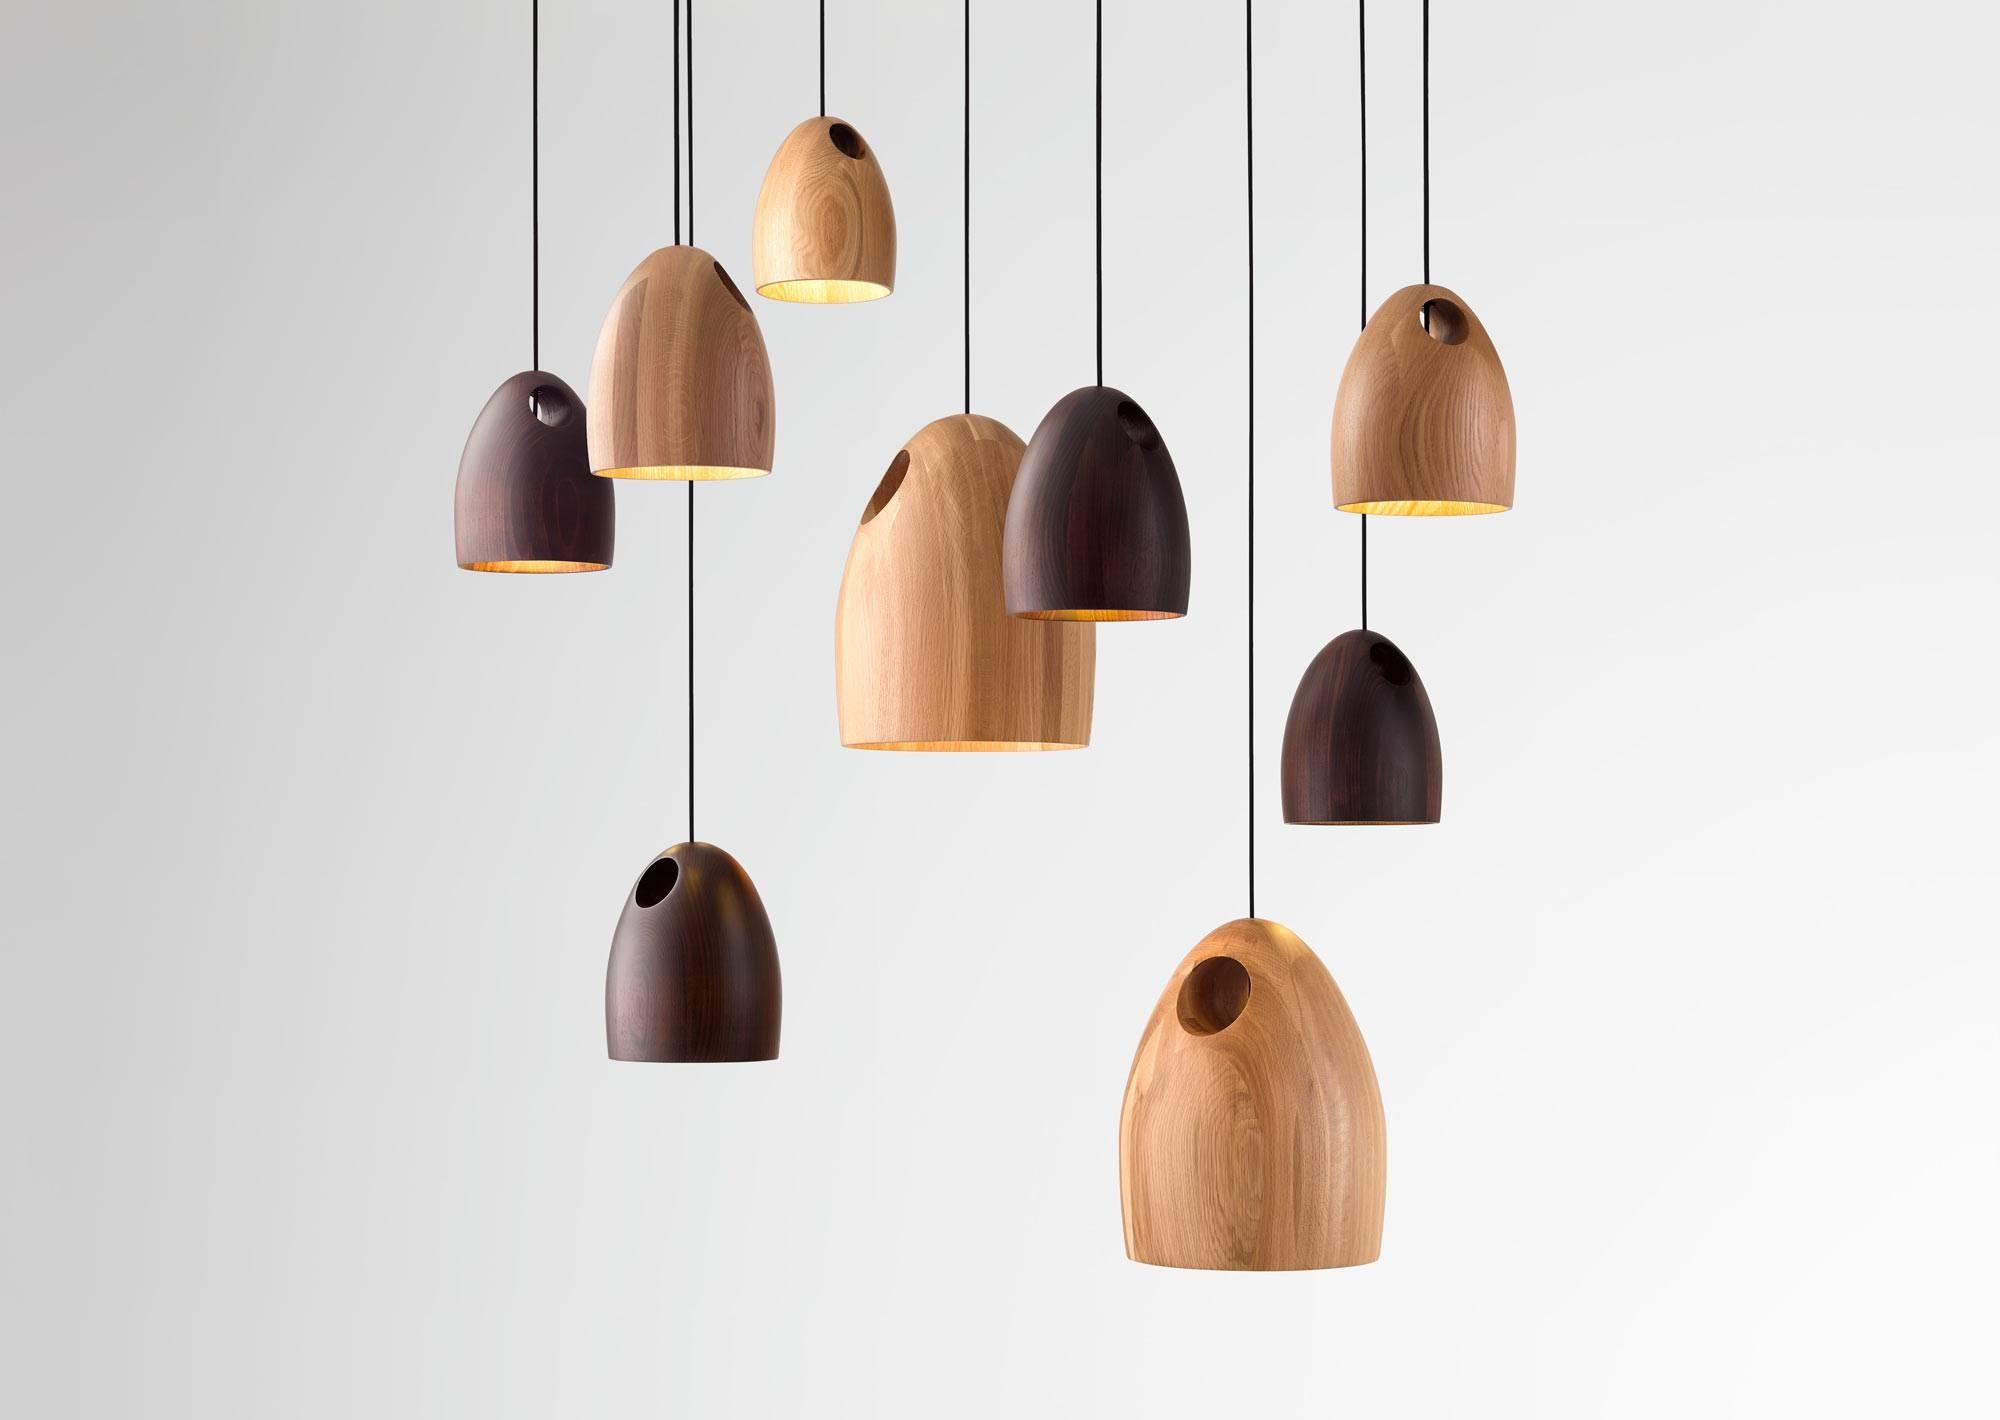 Oak Pendant Light | Ross Gardam - Melbourne Australia in Wooden Pendant Lights Melbourne (Image 14 of 15)